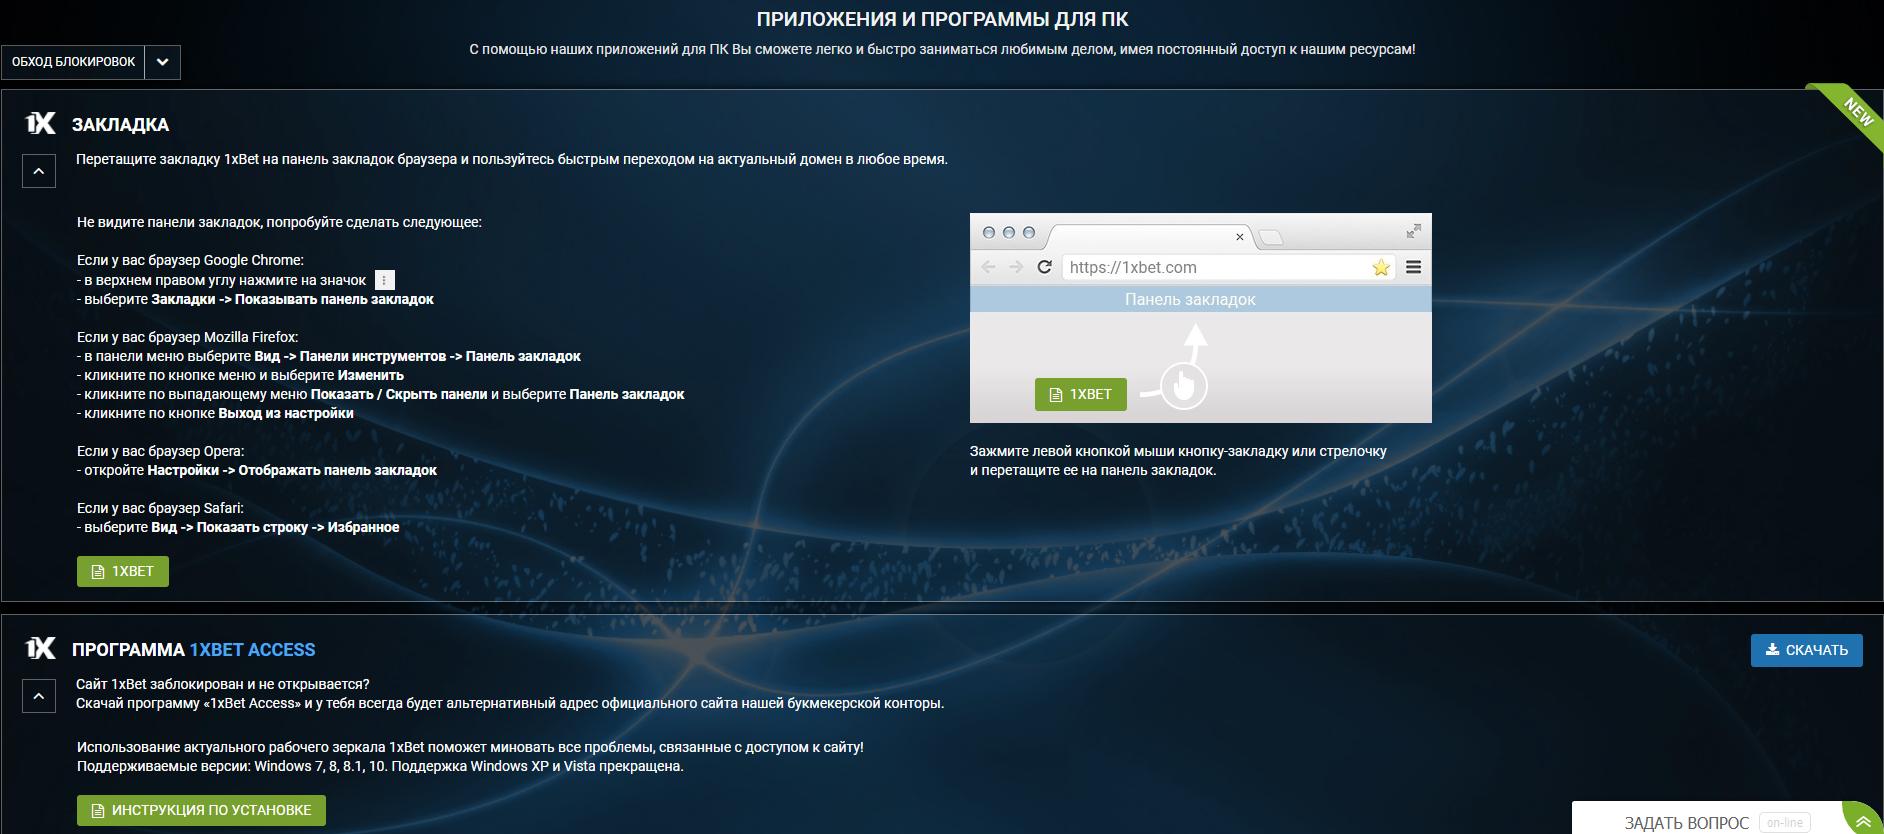 1xbet вход: восстановить пароль самостоятельно